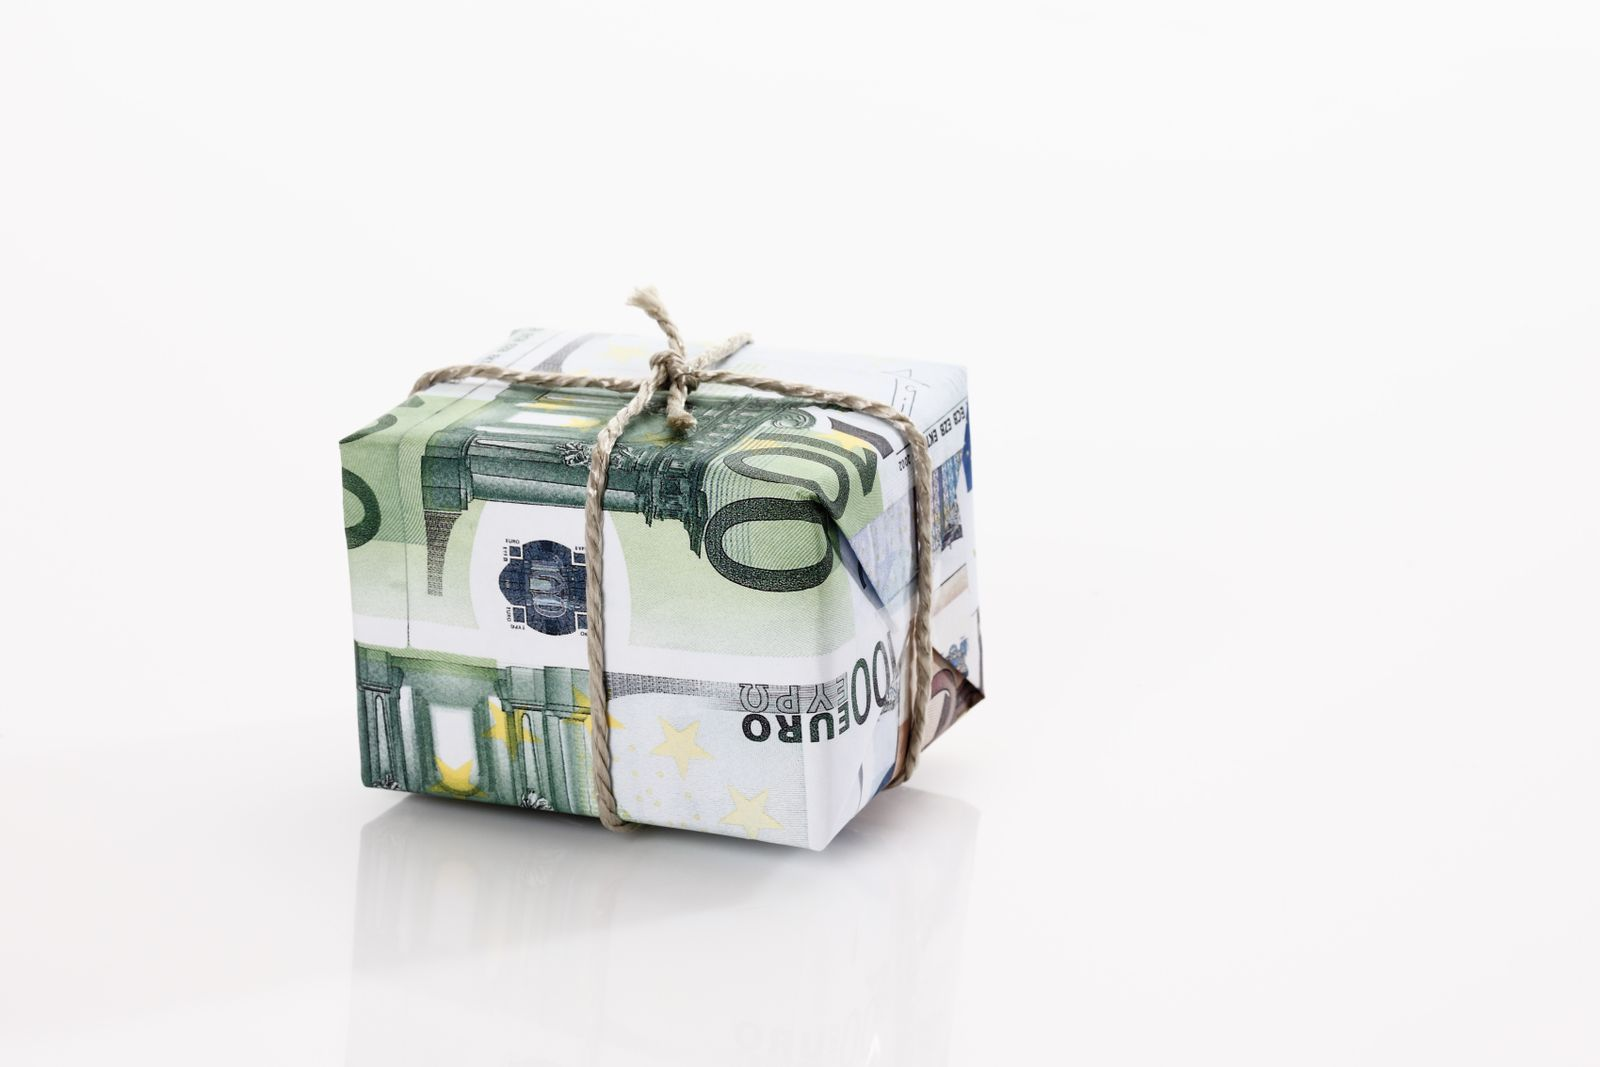 NICHT MEHR VERWENDEN! - Geld / Geldgeschenk / Päckchen